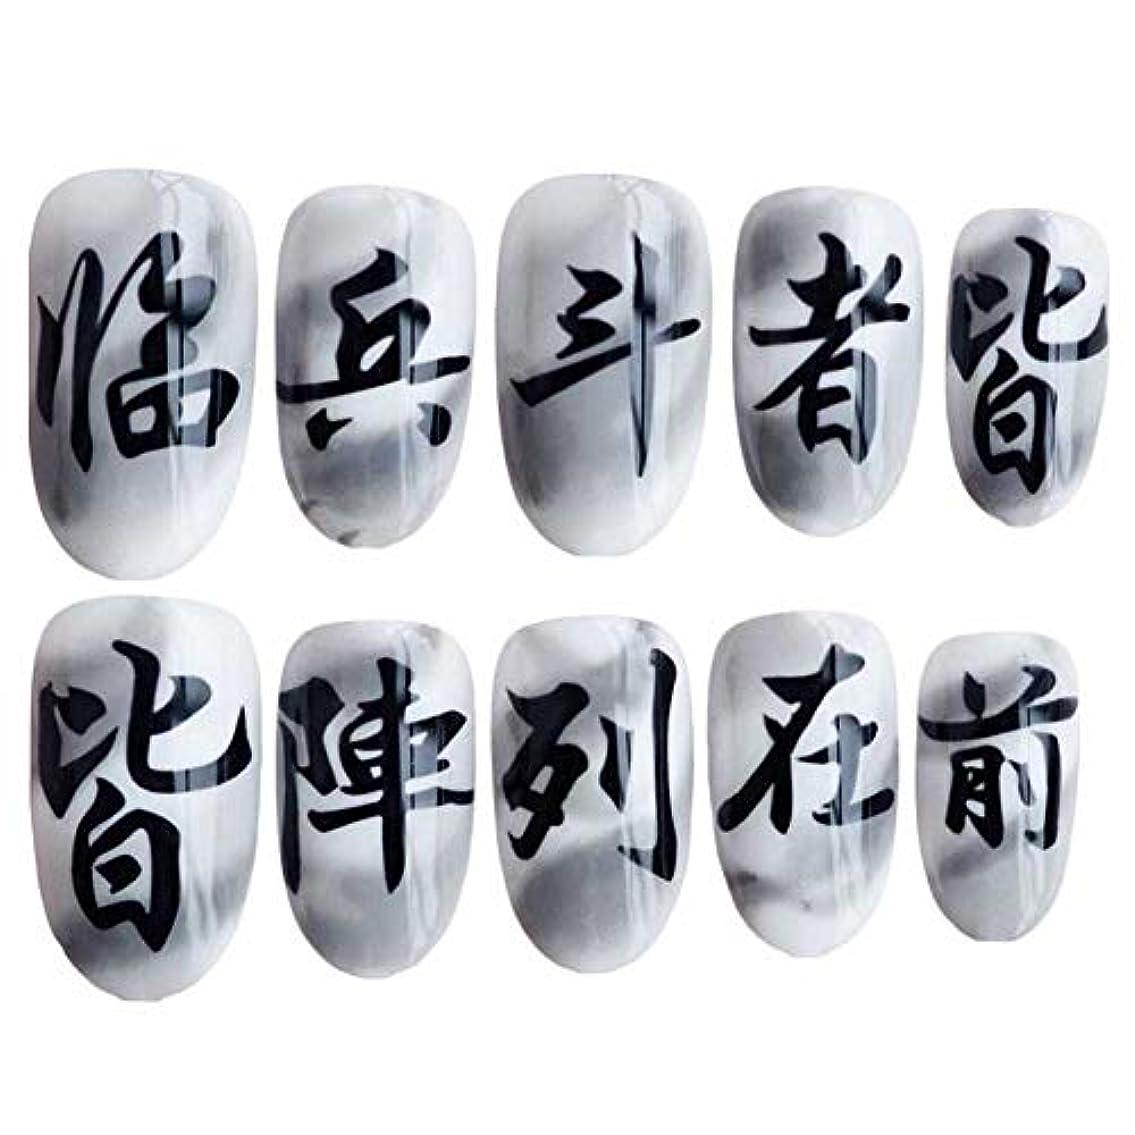 シフト主要な演劇中国語文字灰色/白い偽爪爪人工爪装飾爪のヒント